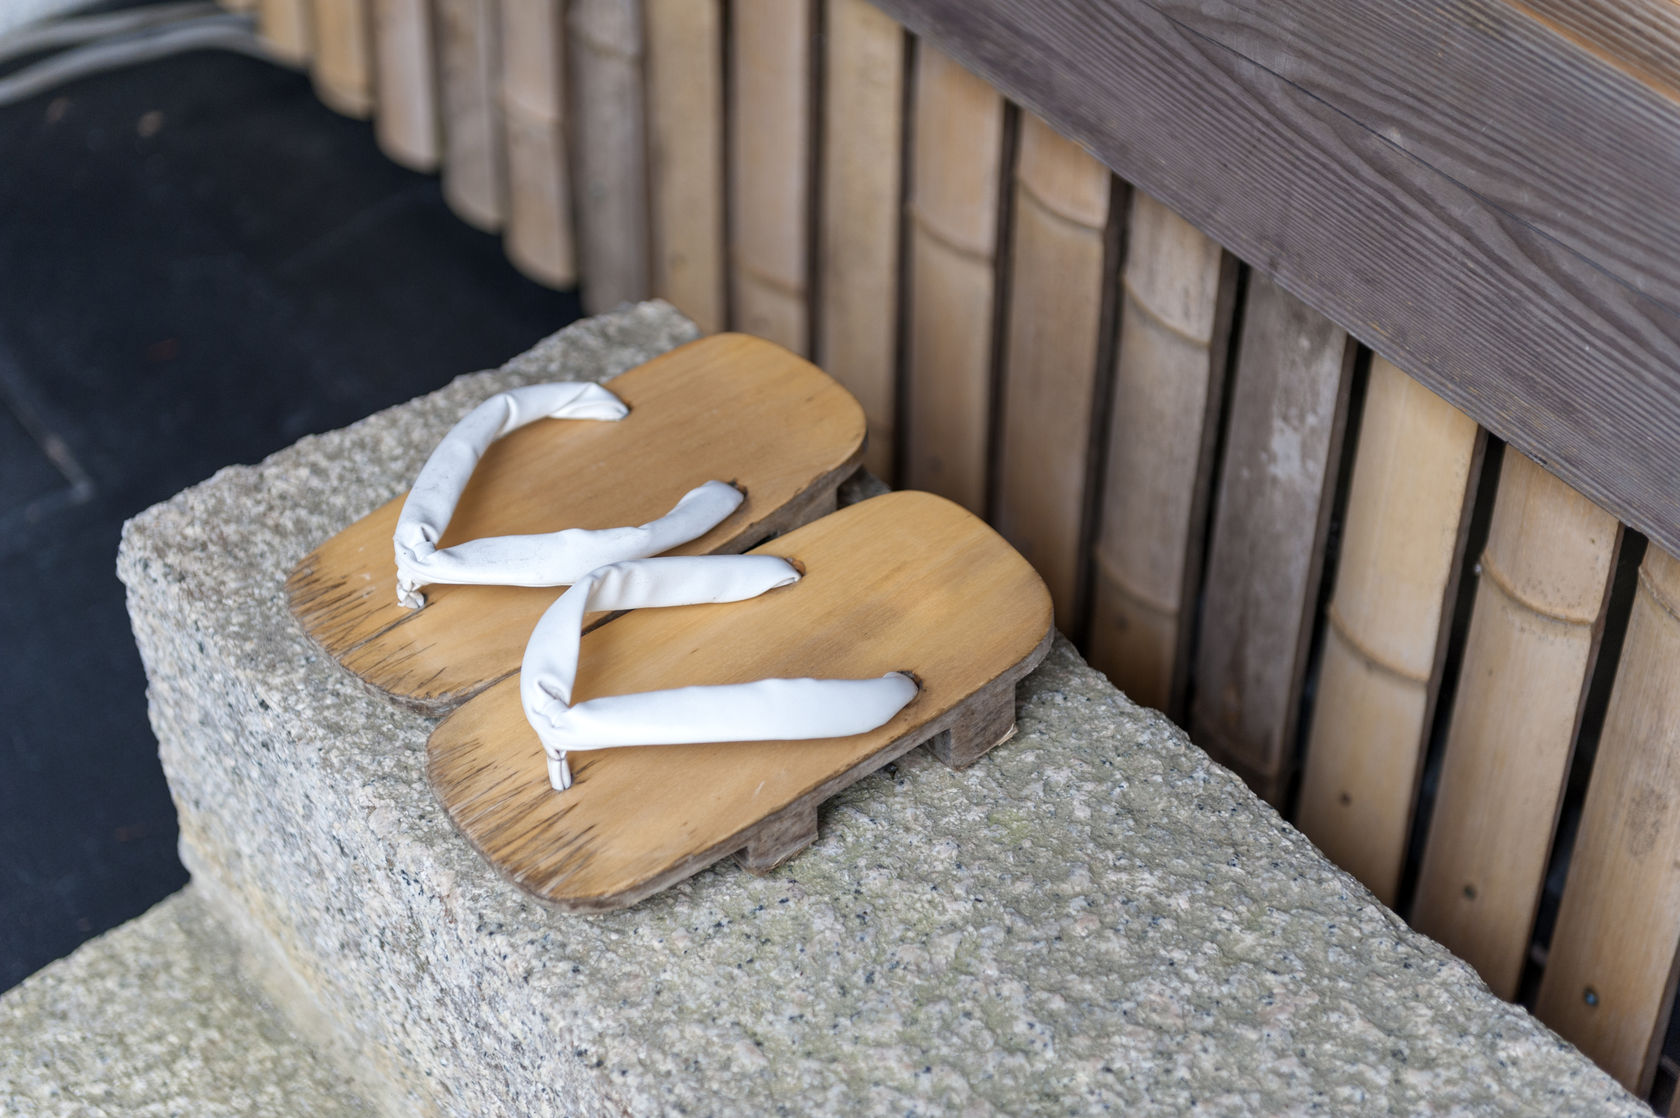 """Vội mấy người Nhật cũng không bao giờ quên cởi giày trước khi bước vào nhà, lý do giúp bạn hiểu vì sao tuổi thọ của họ luôn """"vô địch"""" thế giới - Ảnh 3."""